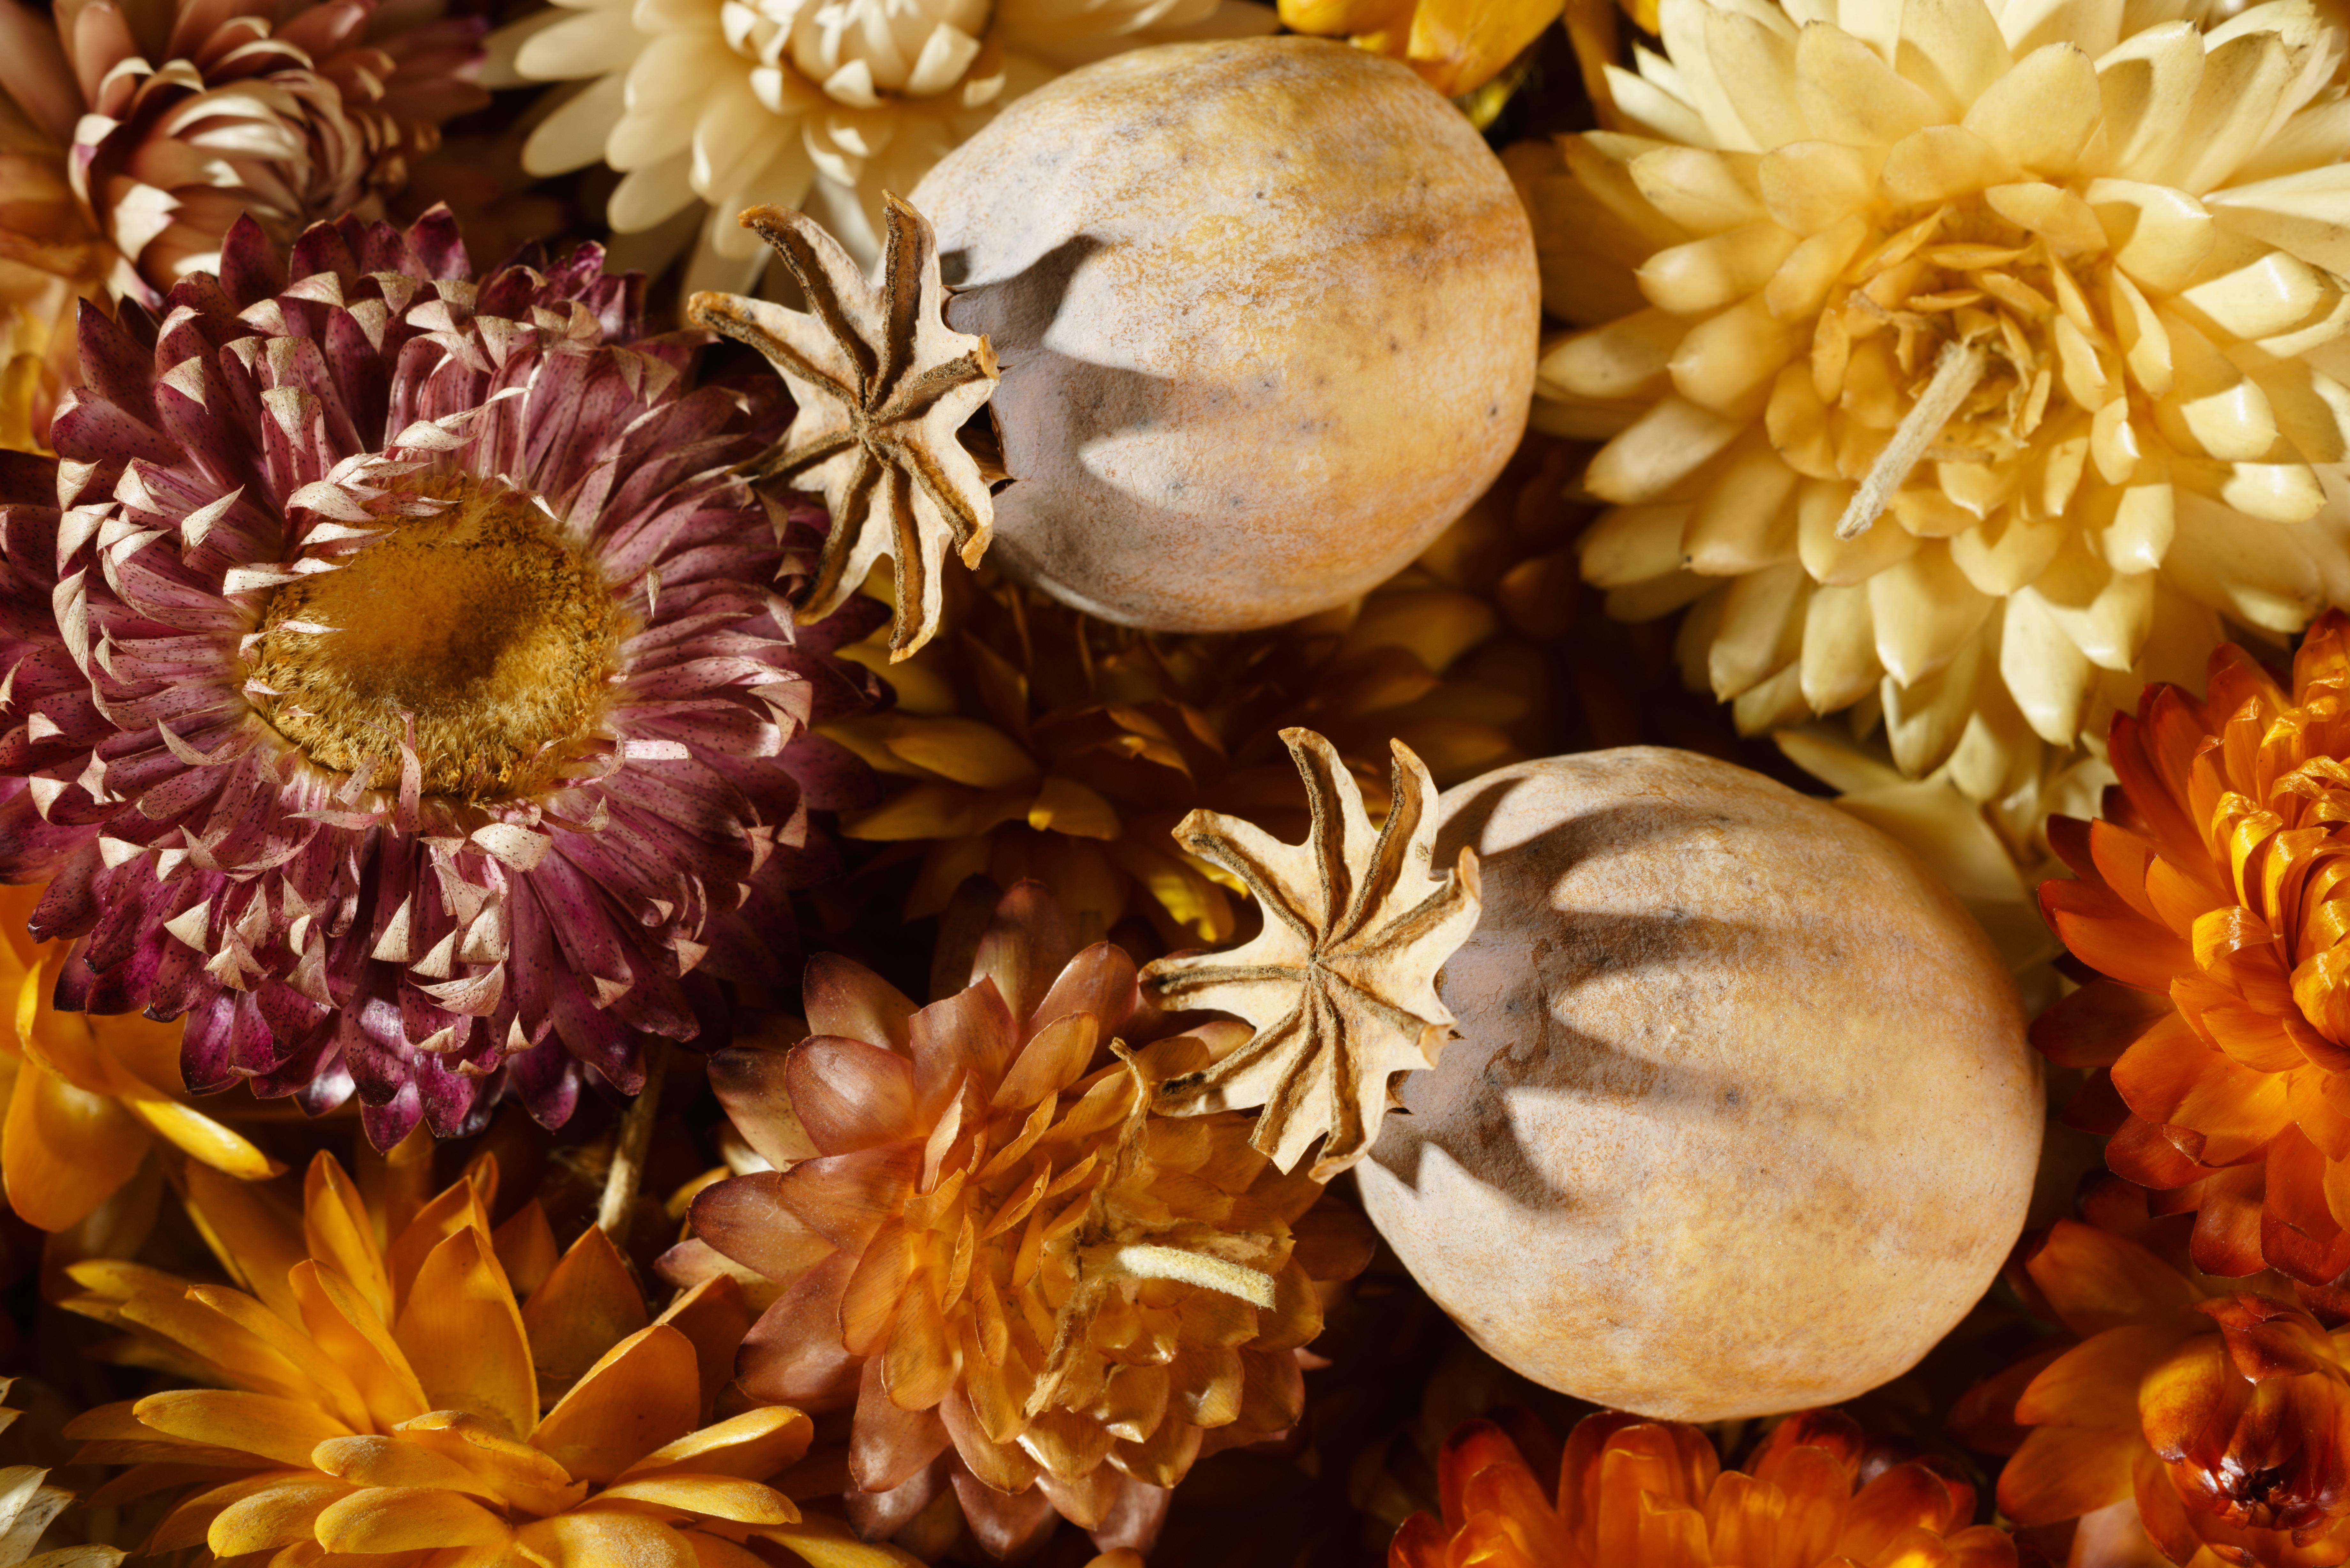 driedflowermacro-cleaned-srgb.jpg